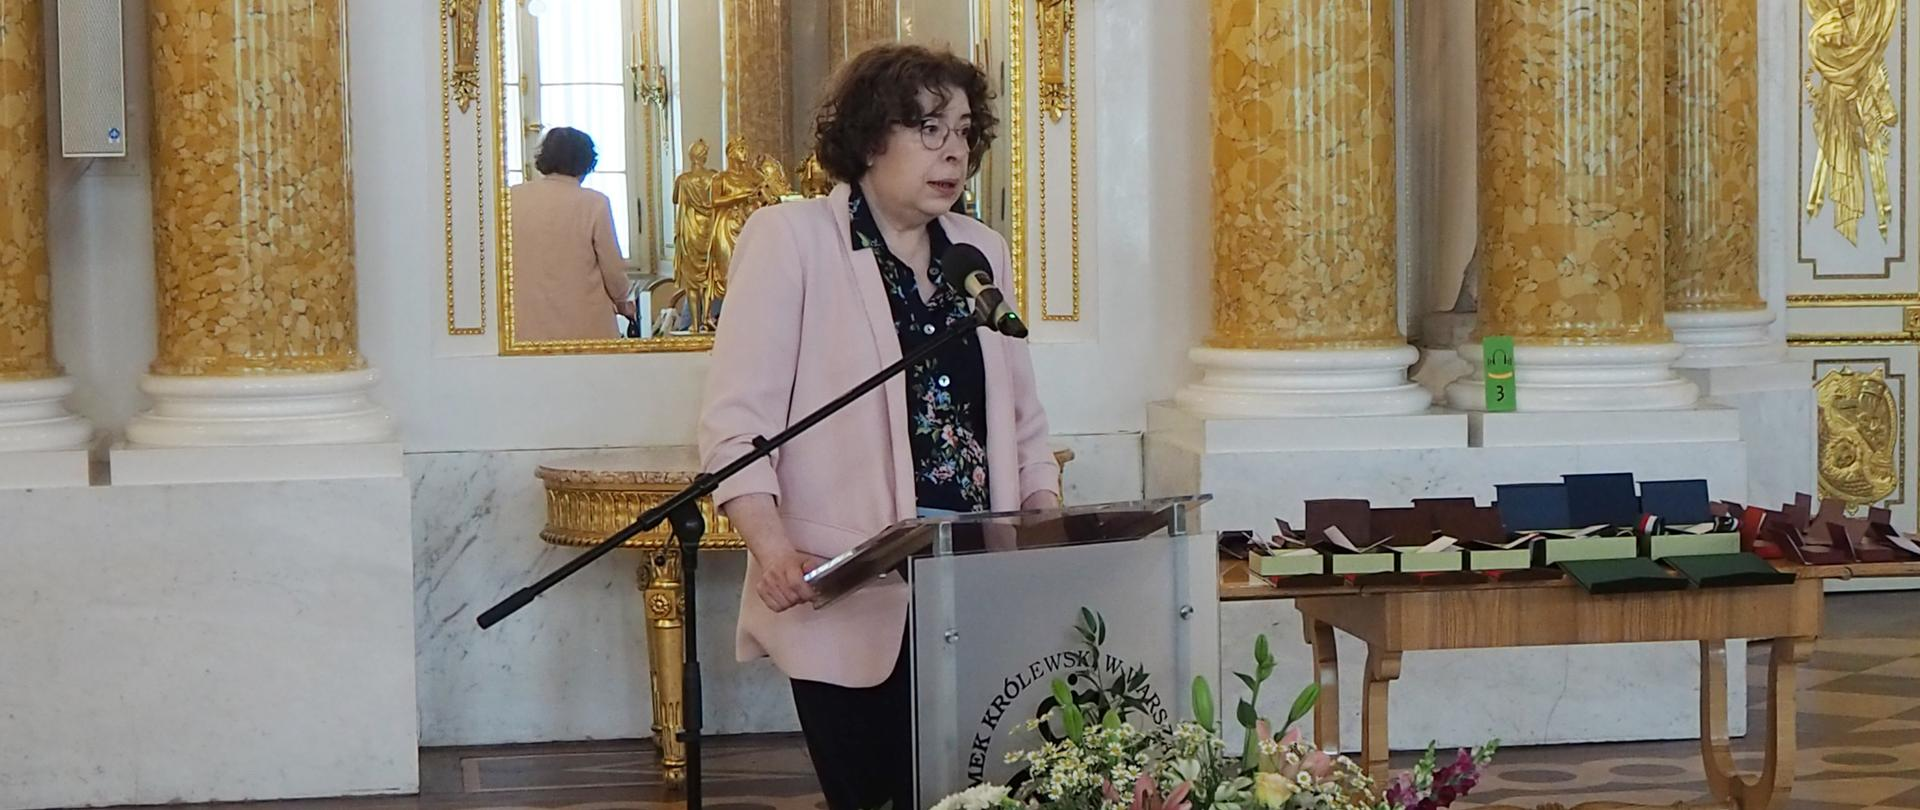 Odznaczenia dla nauczycieli i pracowników szkół artystycznych wręczone, fot. Jerzy Olszewski